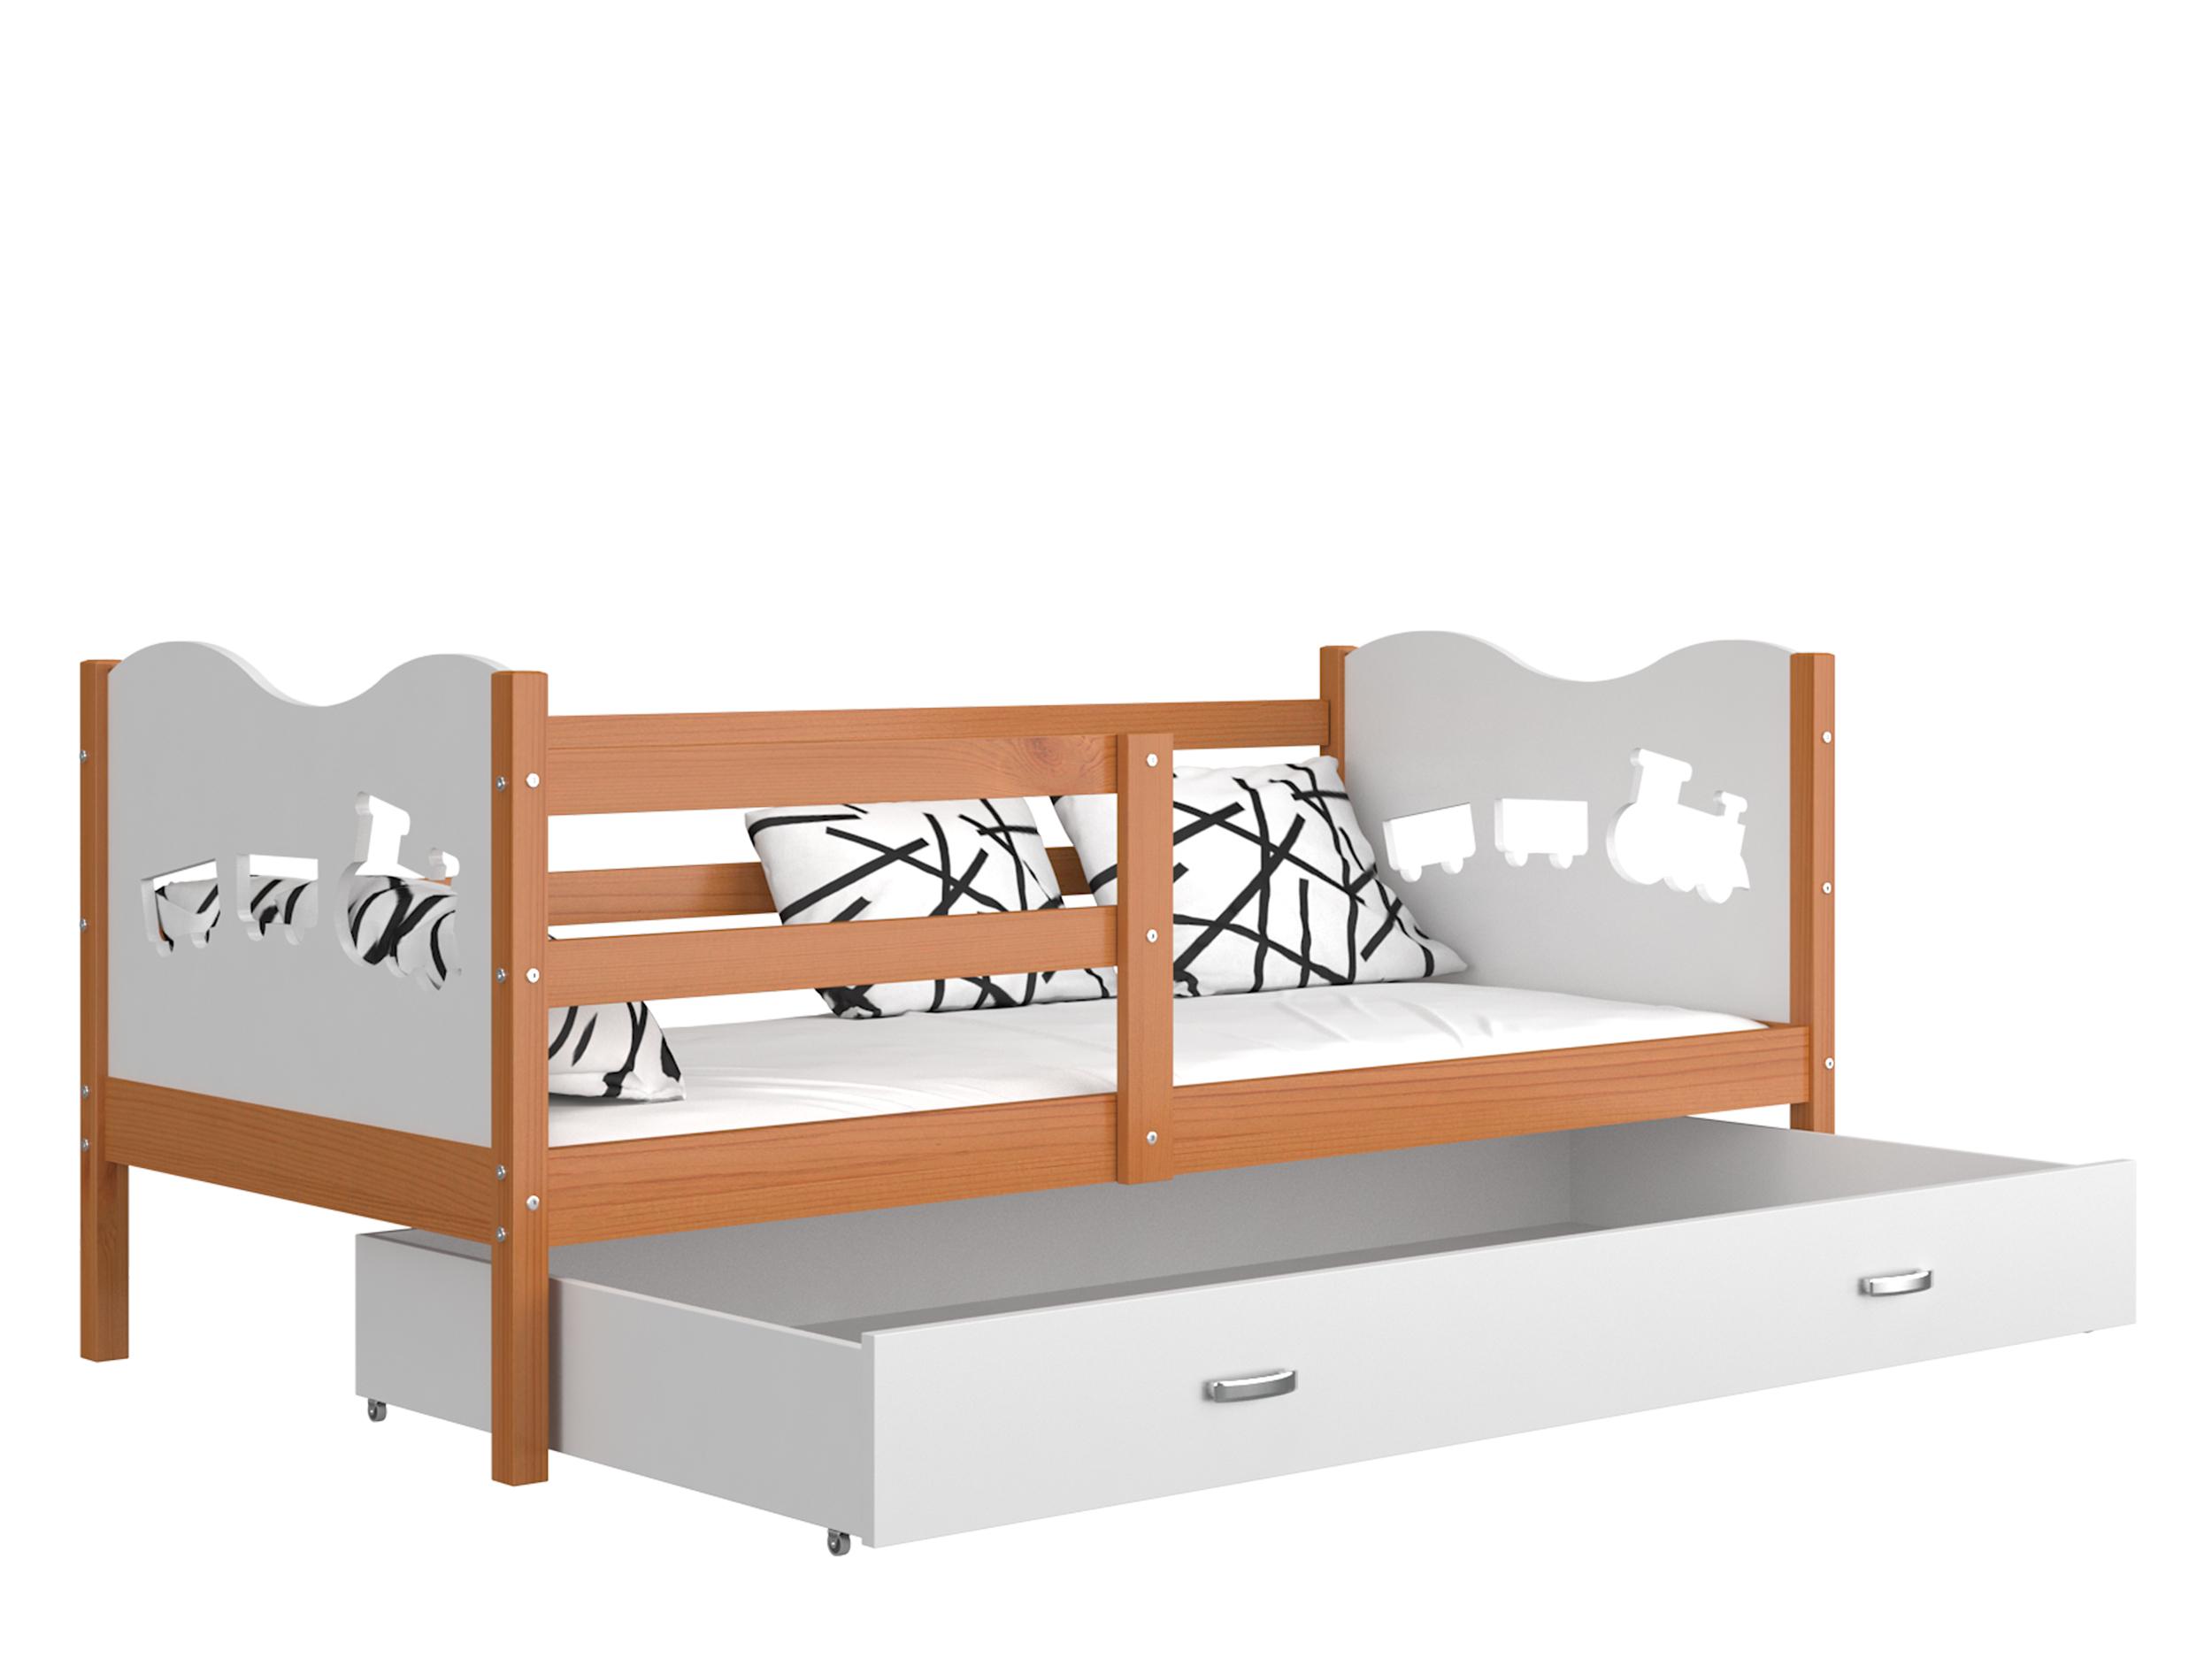 ArtAJ Detská posteľ MAX P drevo / MDF 160 x 80 cm Farba: jelša / biela 160 x 80 cm, s matracom